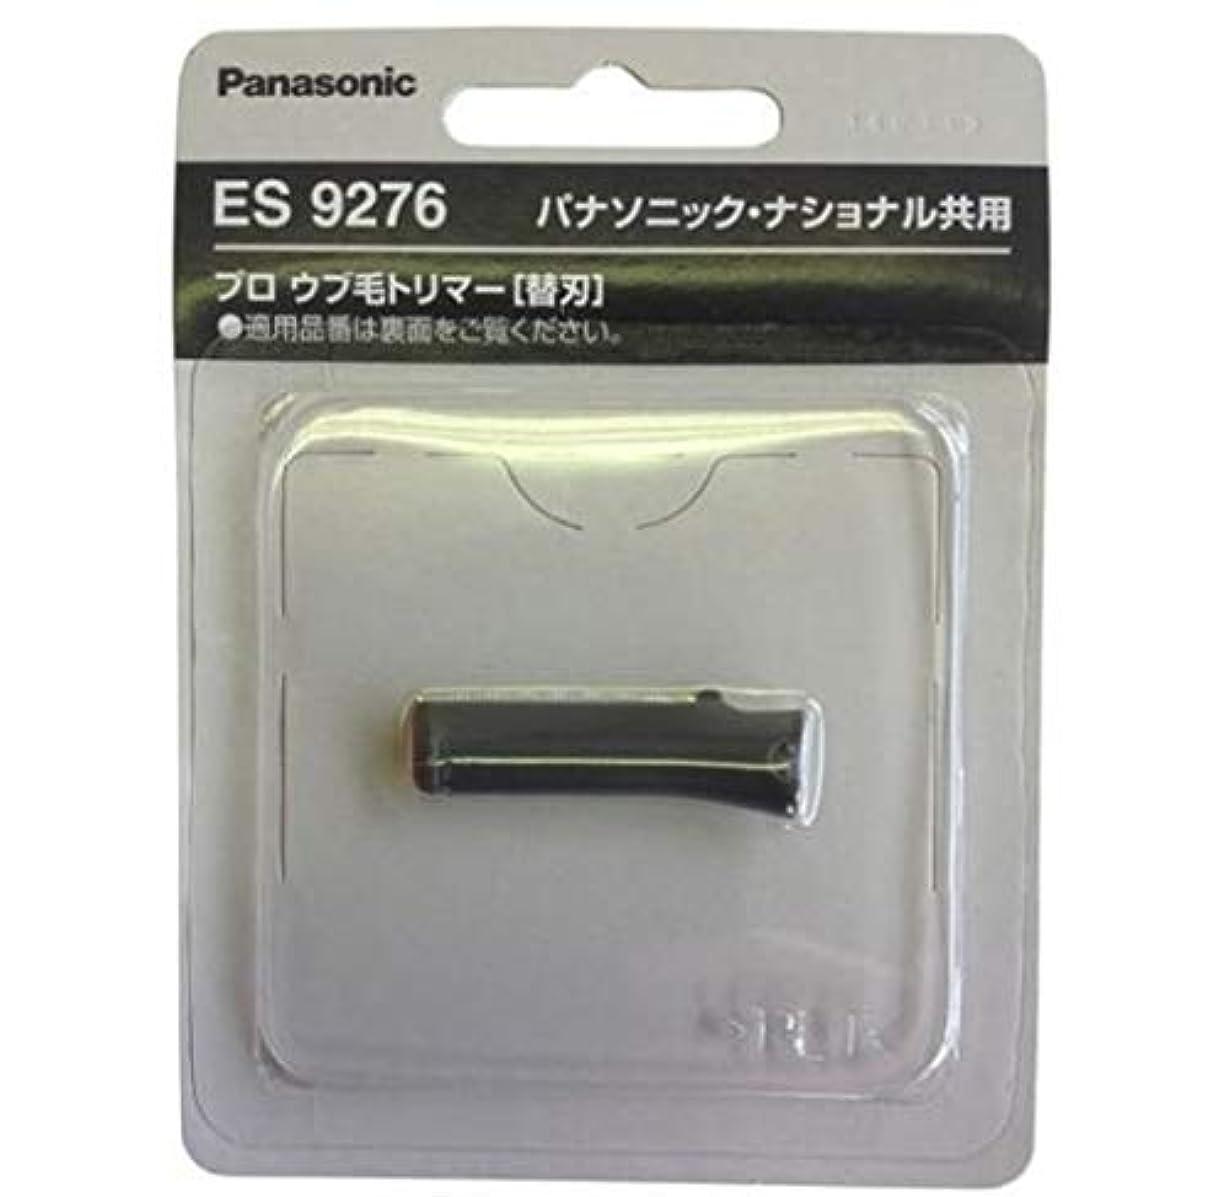 多数のデータダーベビルのテスパナソニック プロうぶ毛トリマーES2119P-S専用替刃